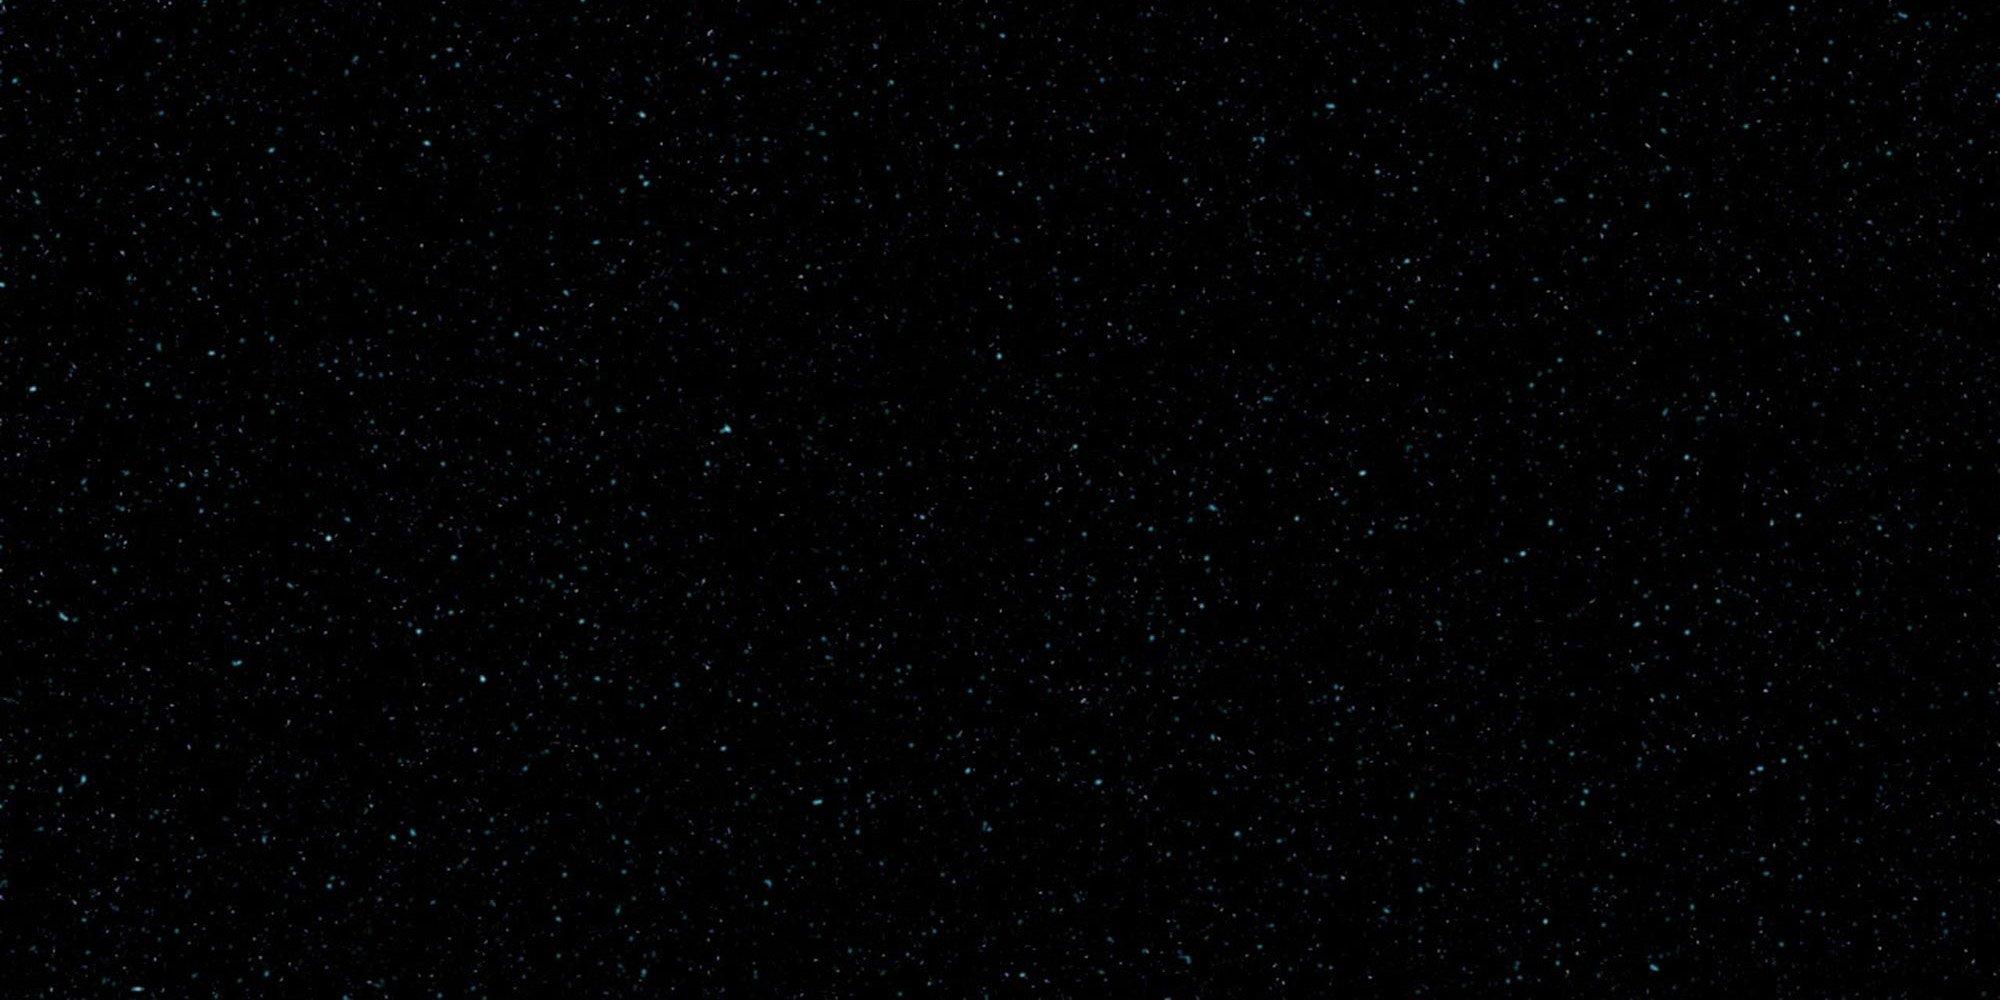 ようこそ星の下へ